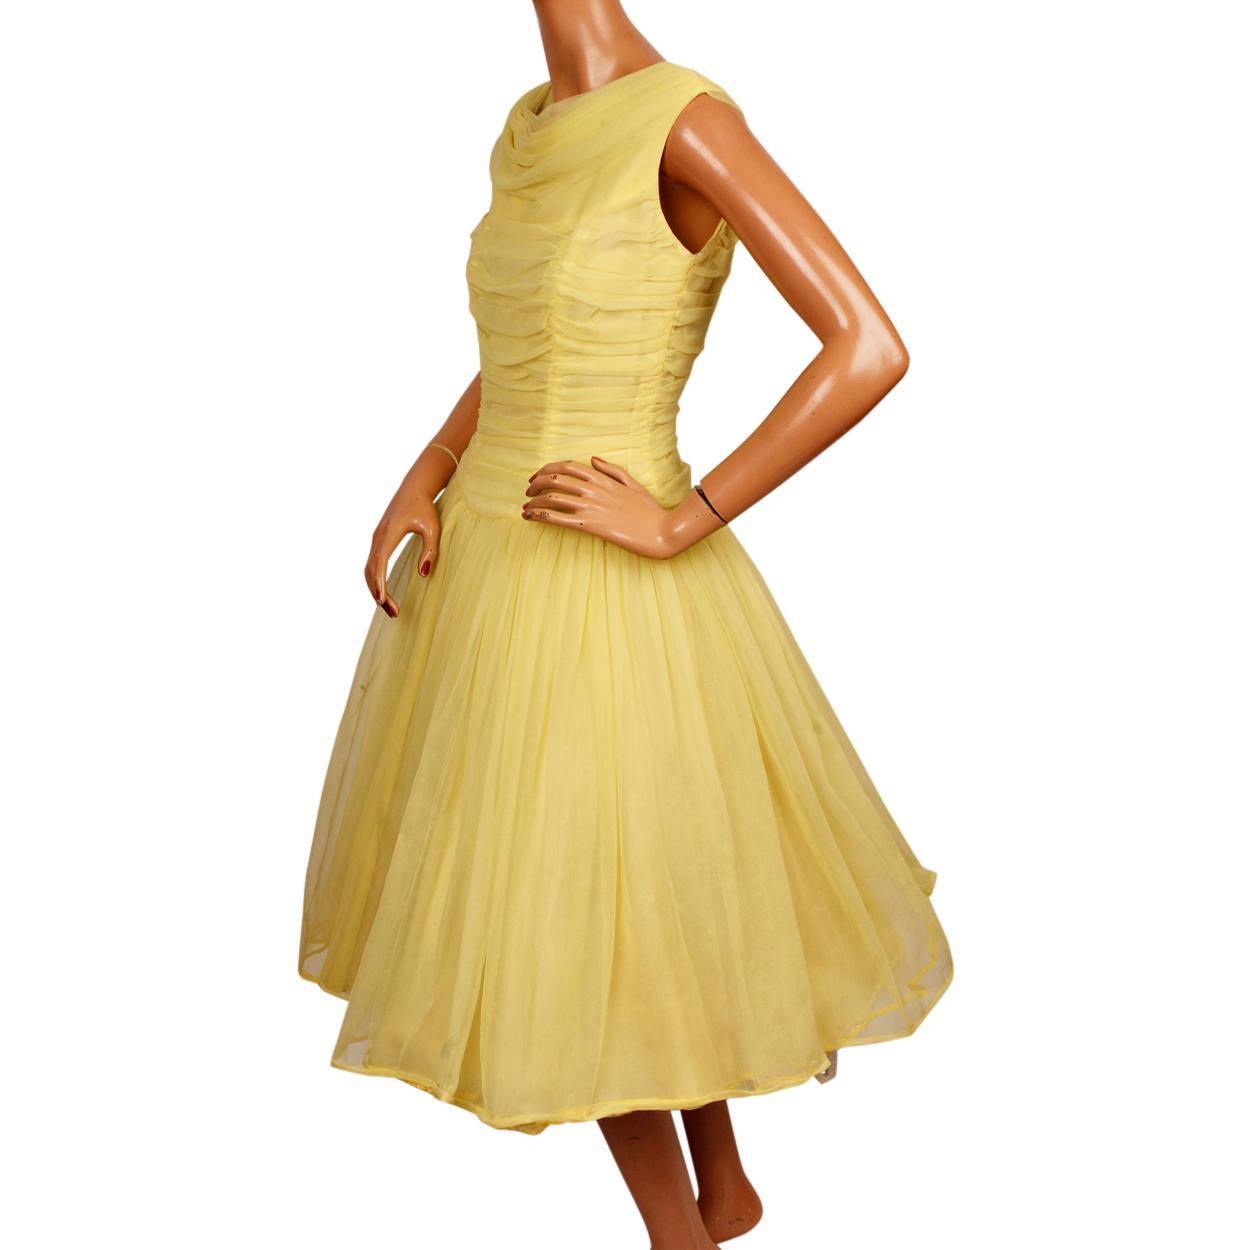 Vintage 50s Yellow Dresses